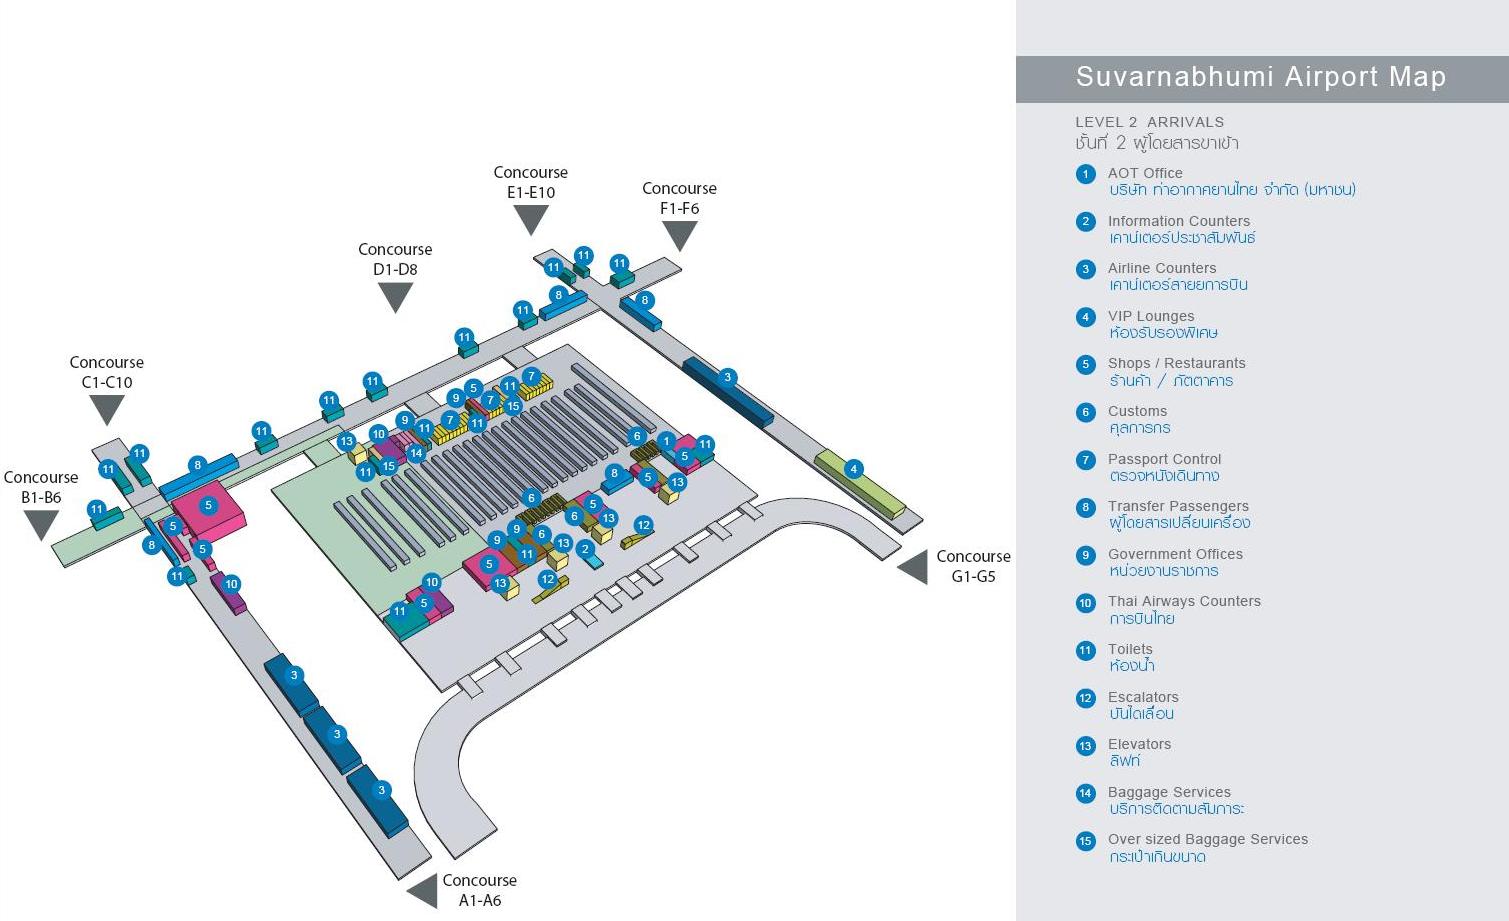 Схема второго этажа аэропорта Суварнабхуми